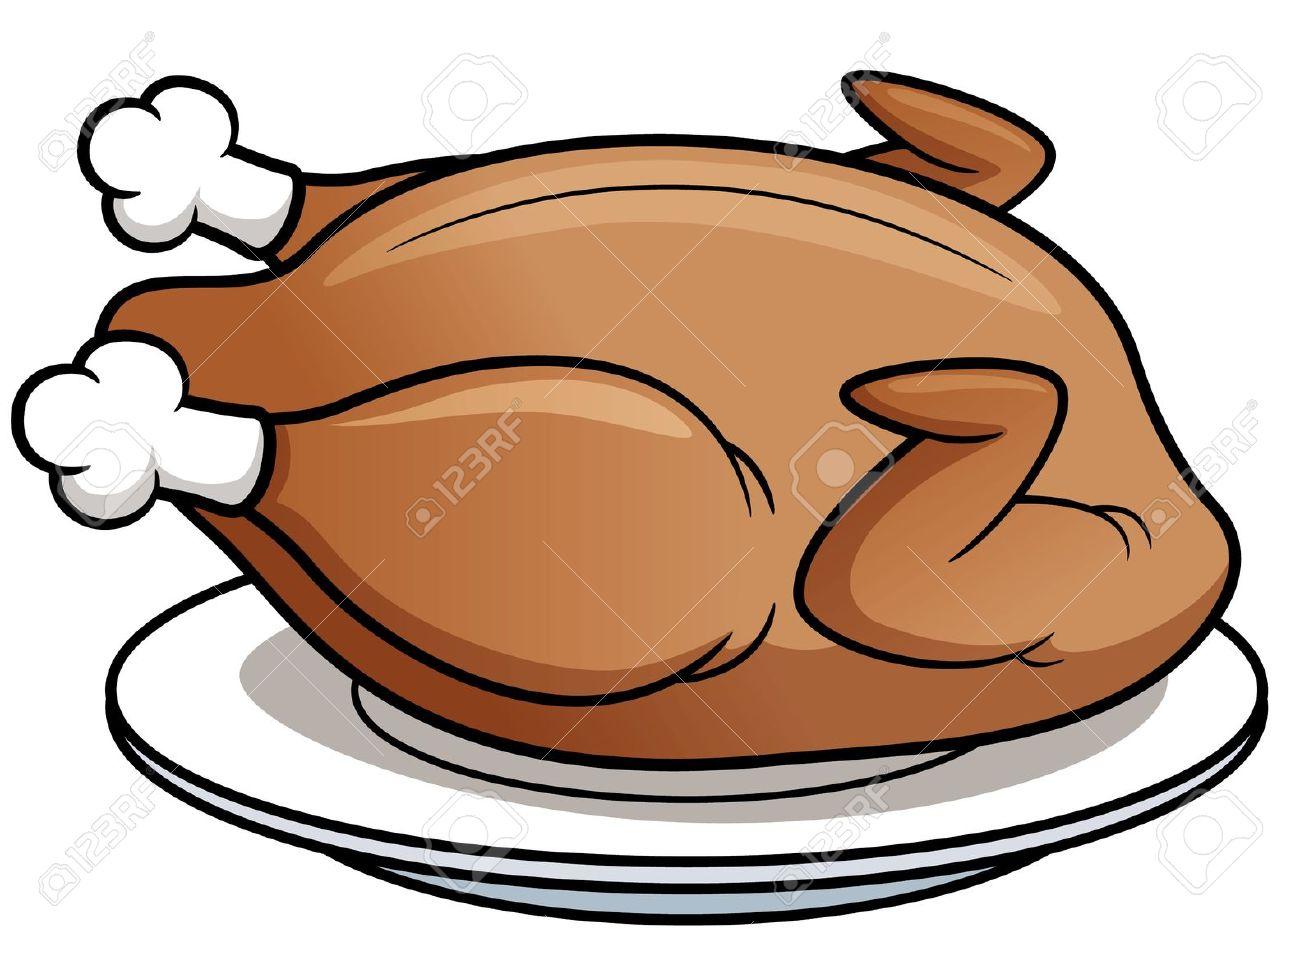 Fried Chicken Clip Art: Free Download Best Cooked Chicken